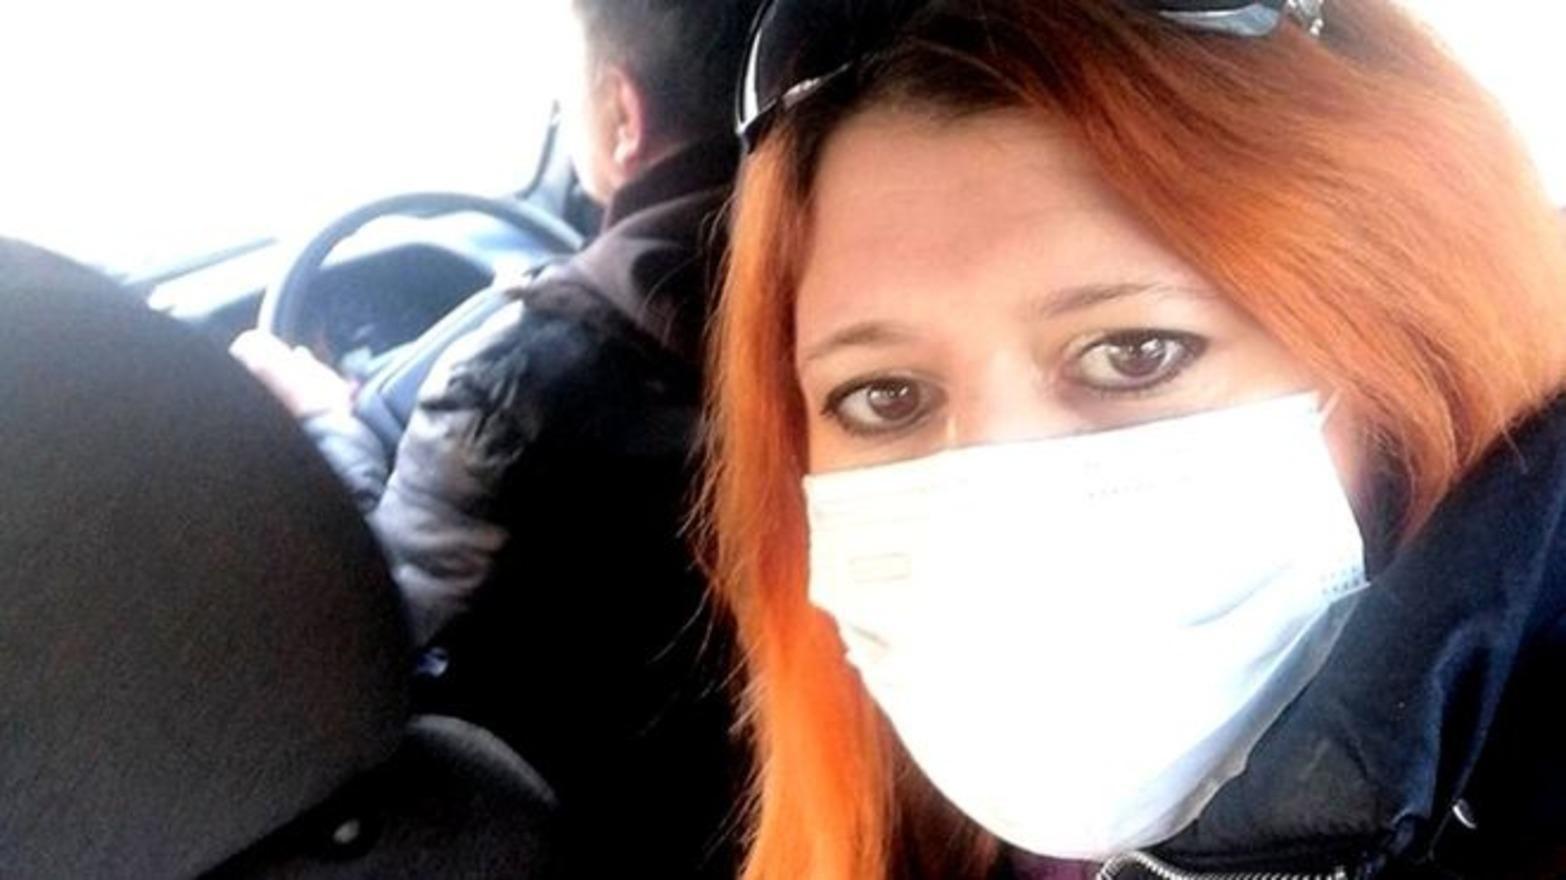 Врач из Черновцов рассказала, в каких условиях работают украинские инфекционисты - Новости Черновцов - Здоровье 24